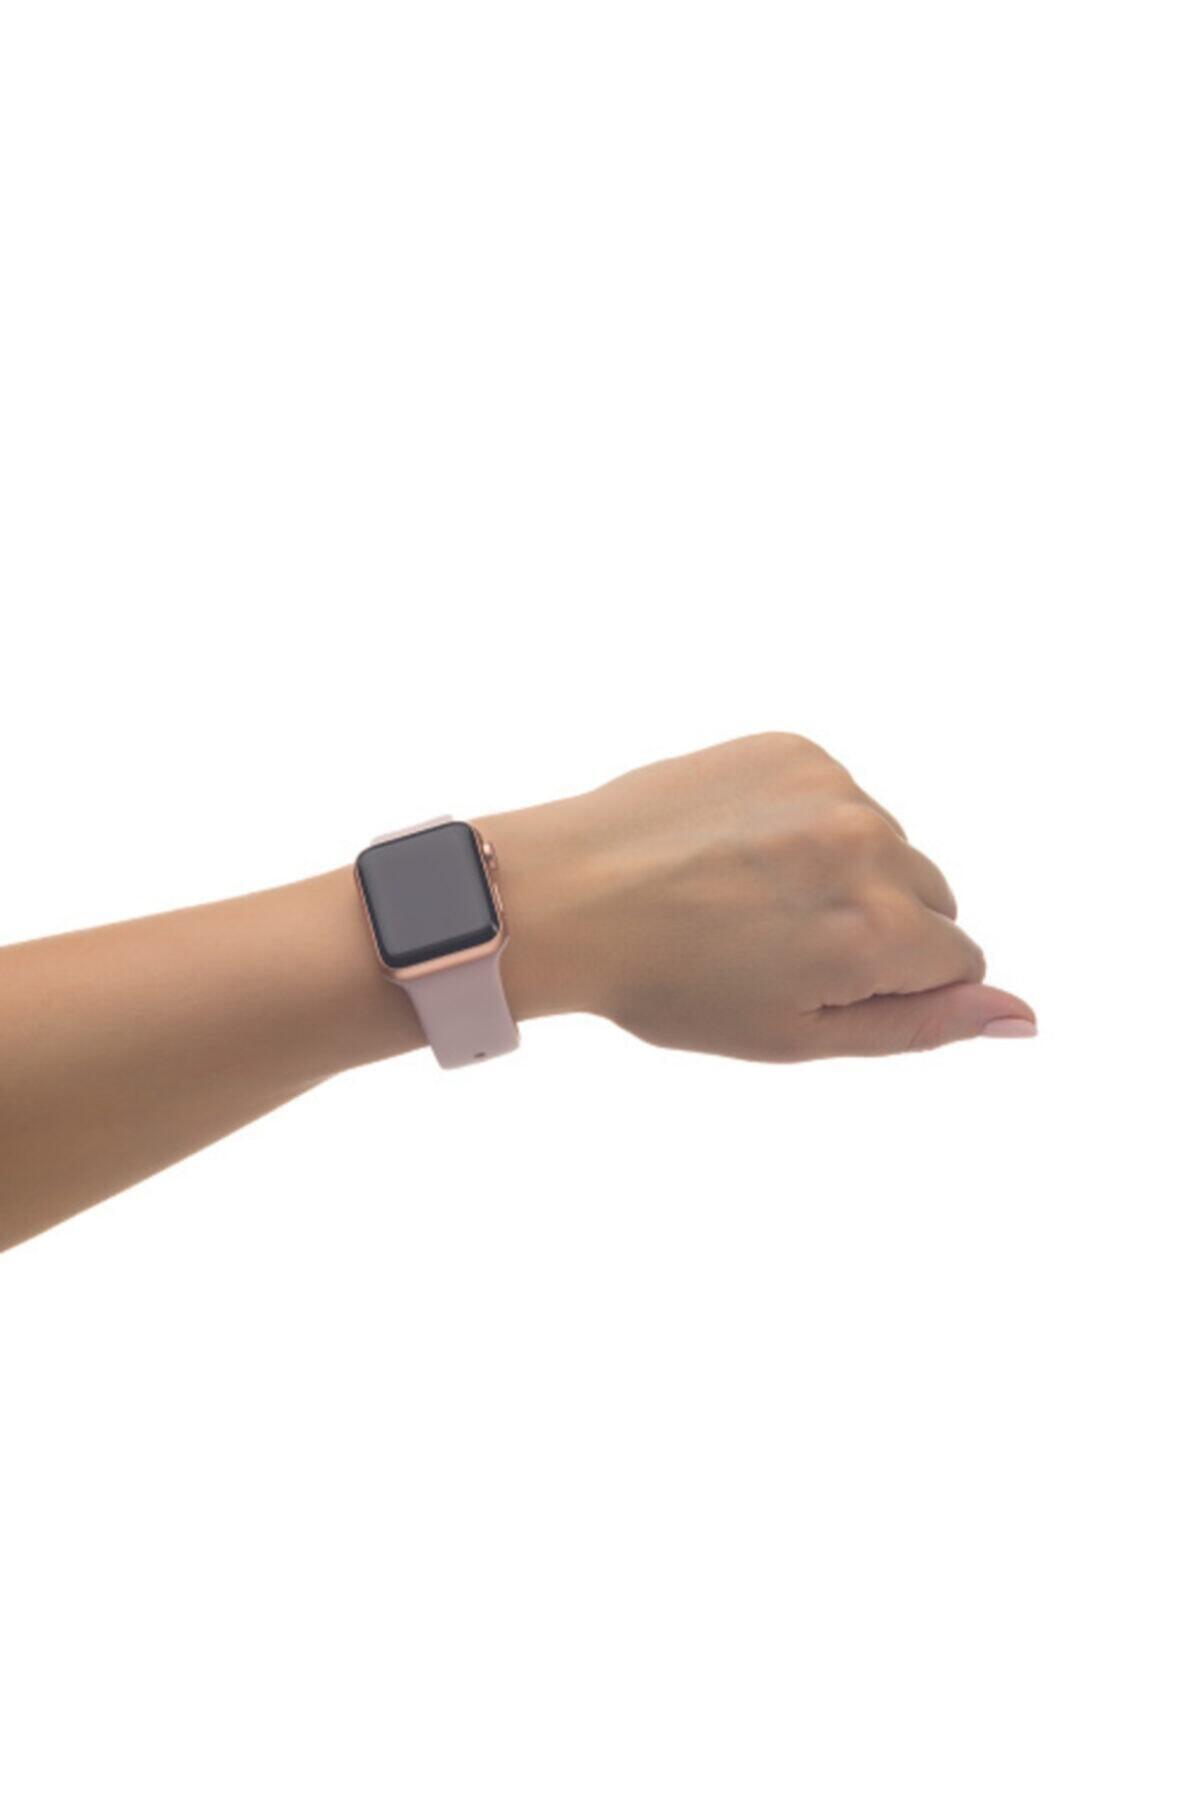 SmartWatch Trktech W26+ Watch 6 Plus Akıllı Saat Yan Düğme Döndürme Aktif 2